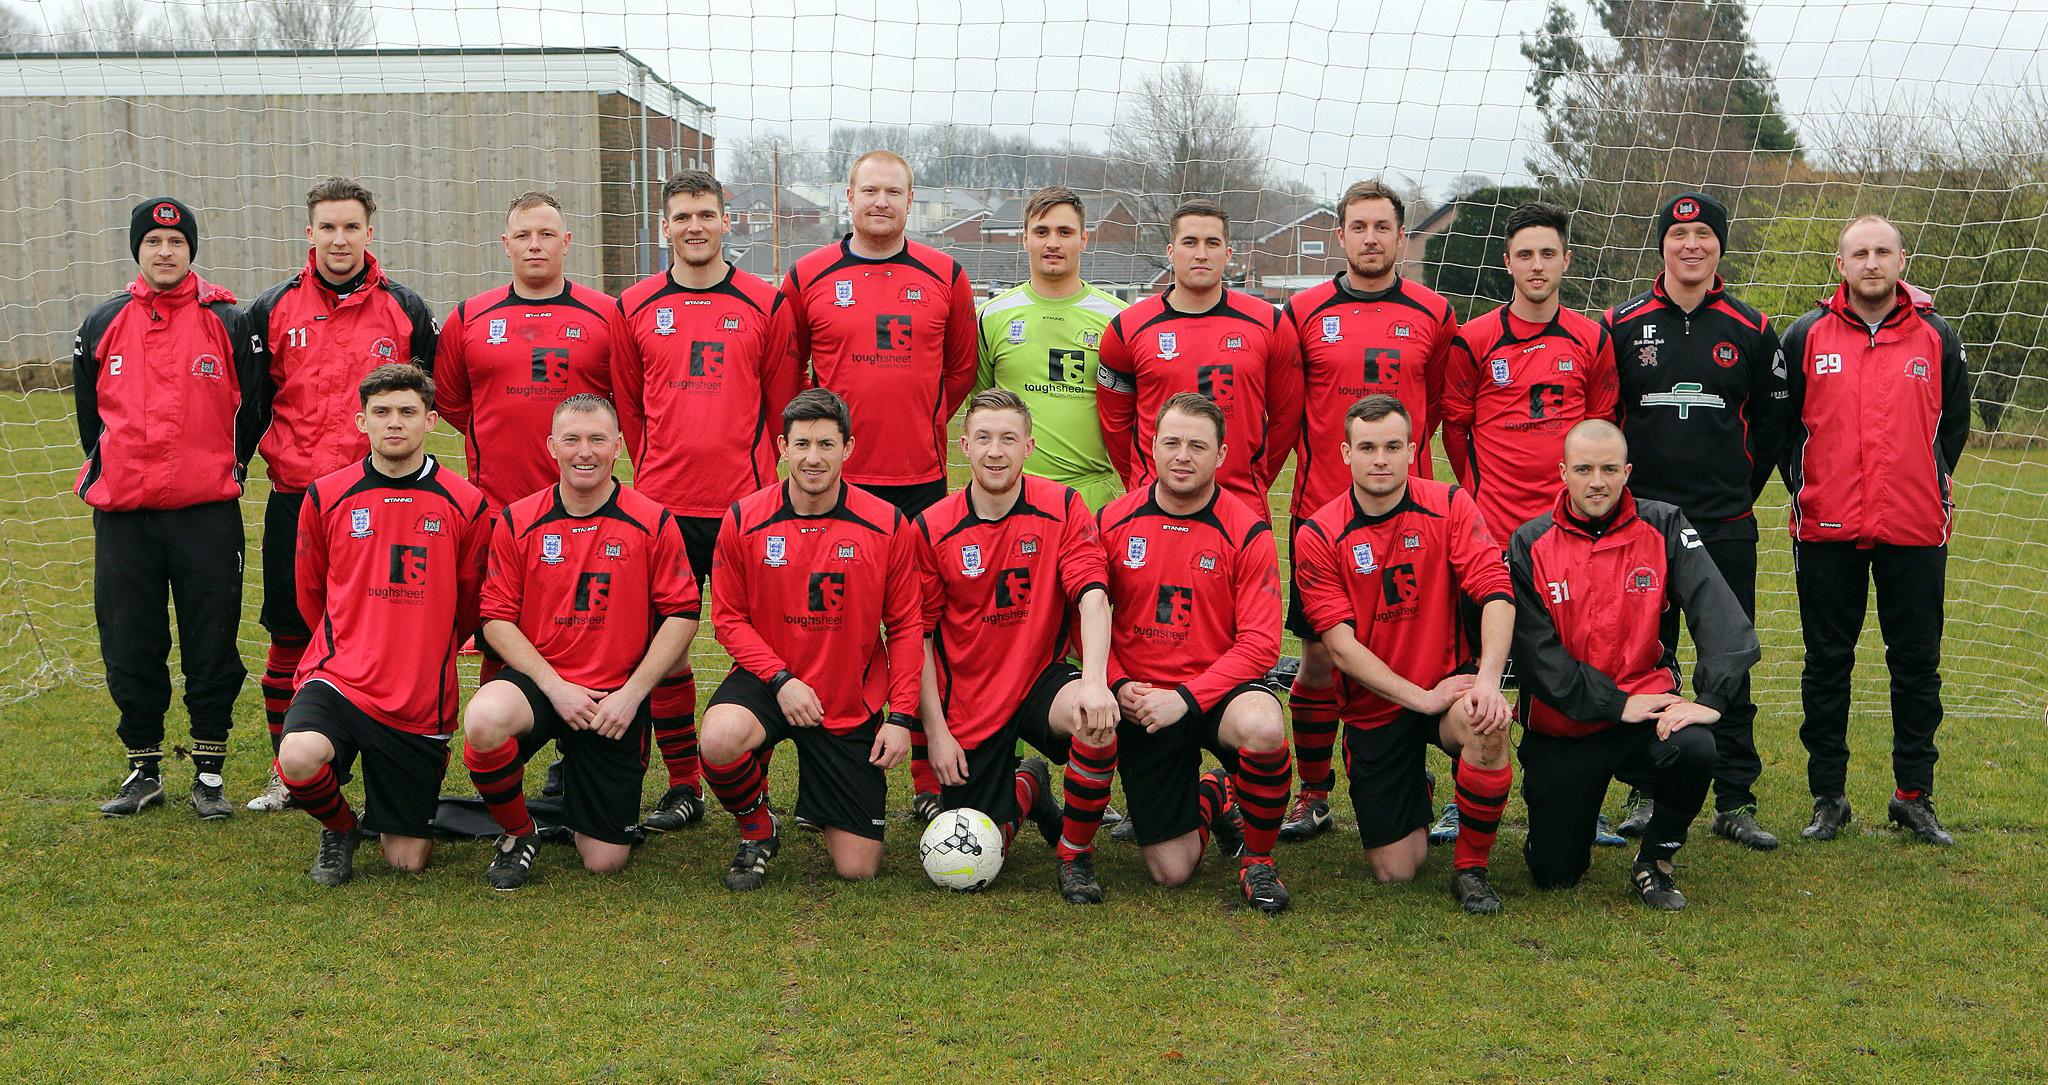 Amateur lancashire league